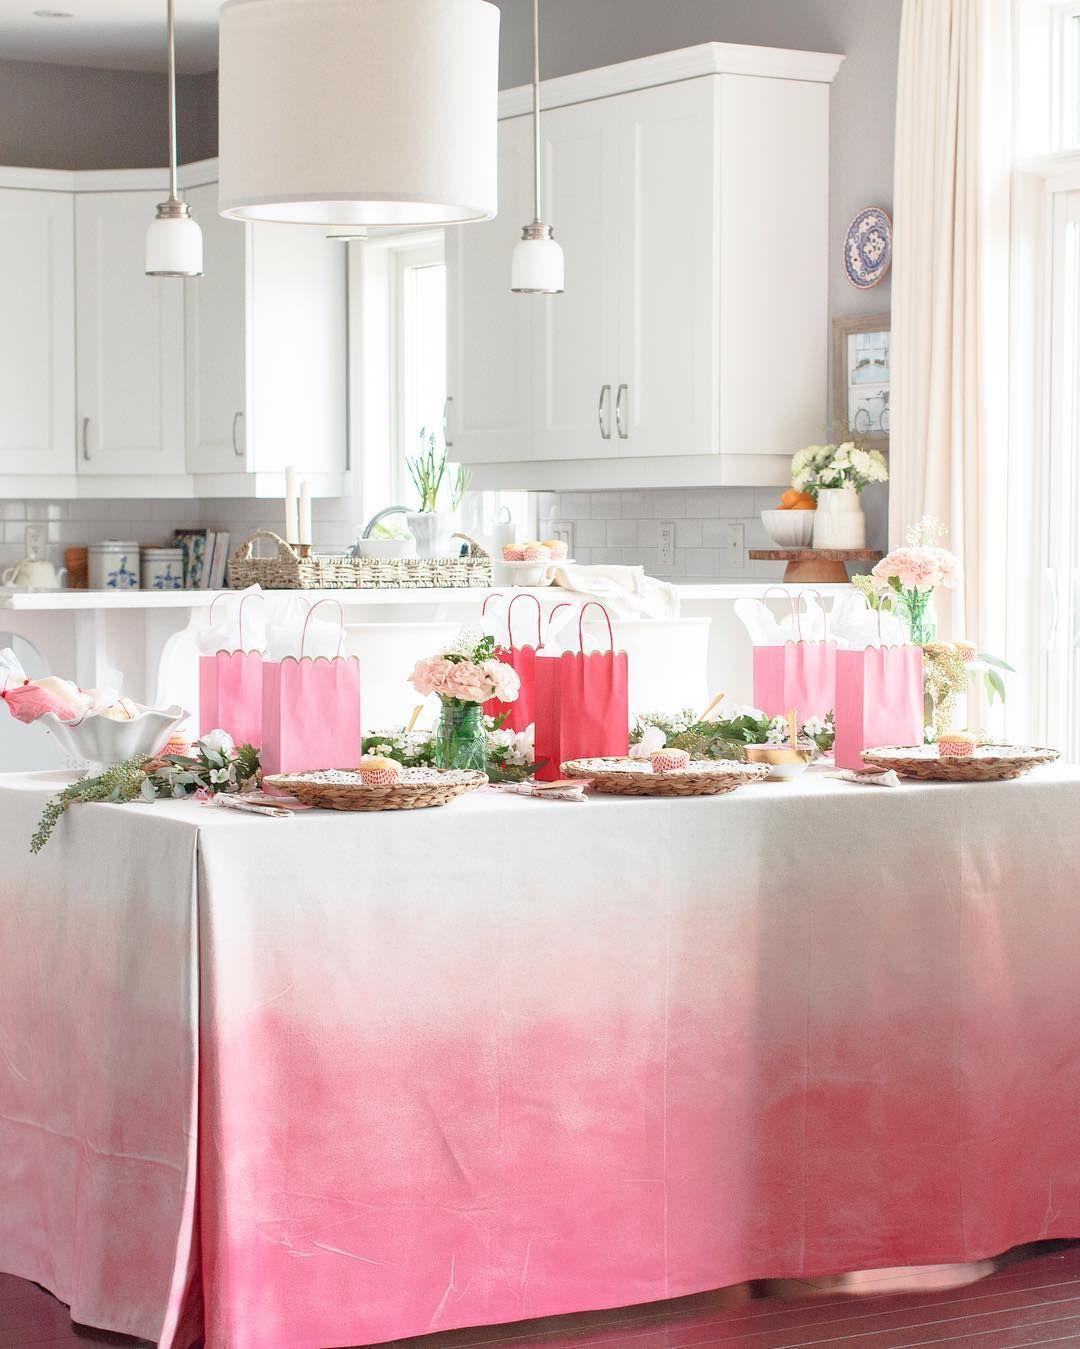 Diy Pink Ombre Tablecloth Ombre Tablecloth Diy Tablecloth Table Cloth